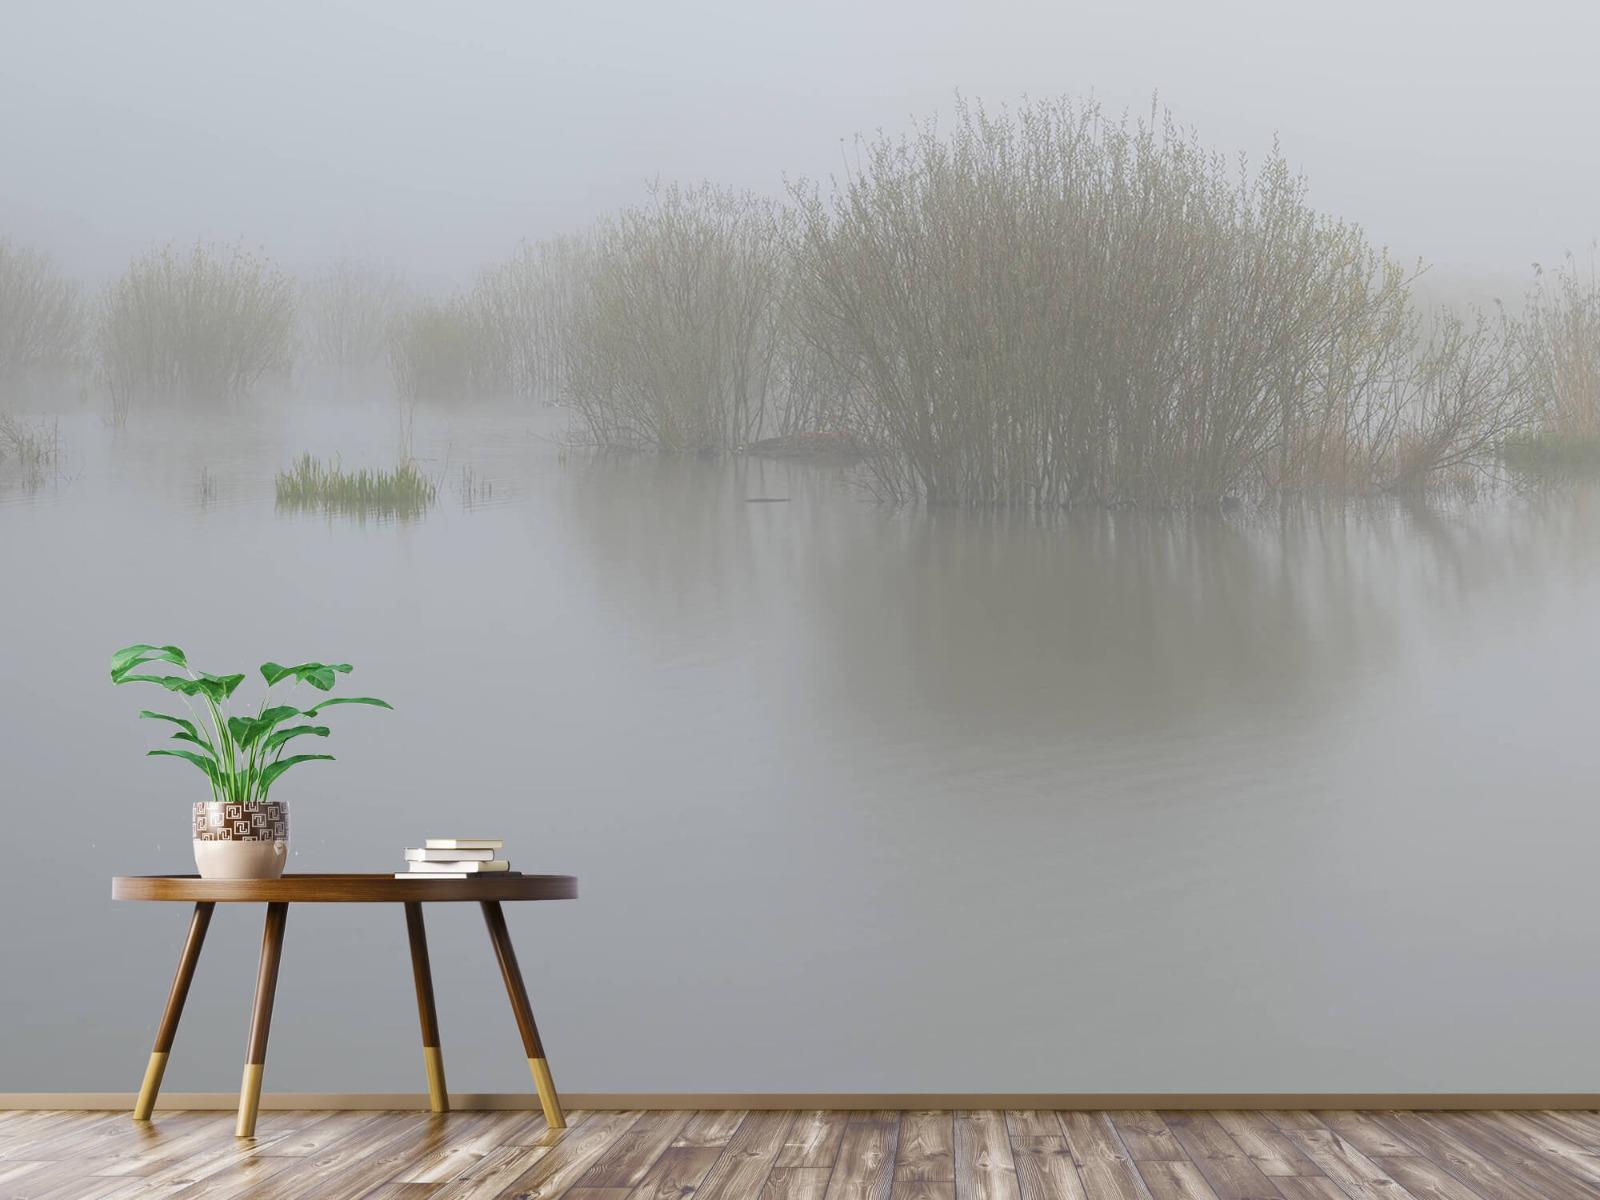 Landschap - Mist in natuurgebied - Slaapkamer 4